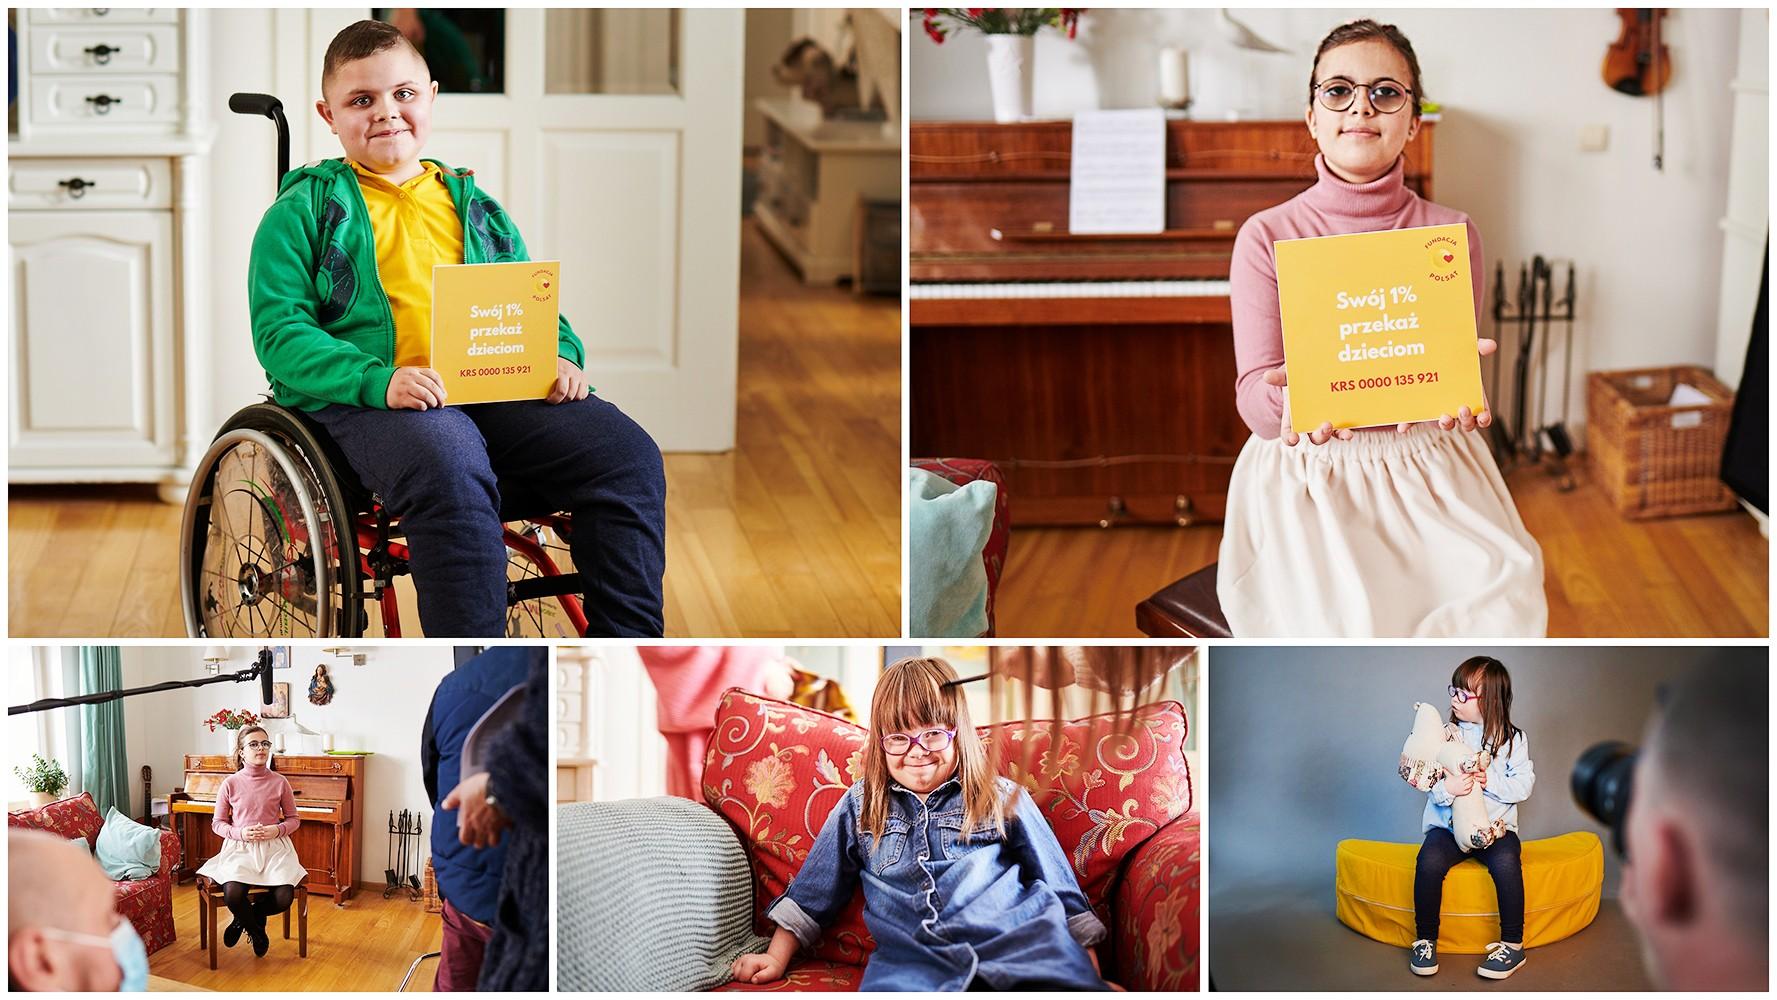 Fundacja Polsat: Twój jeden gest może zmienić nasz świat